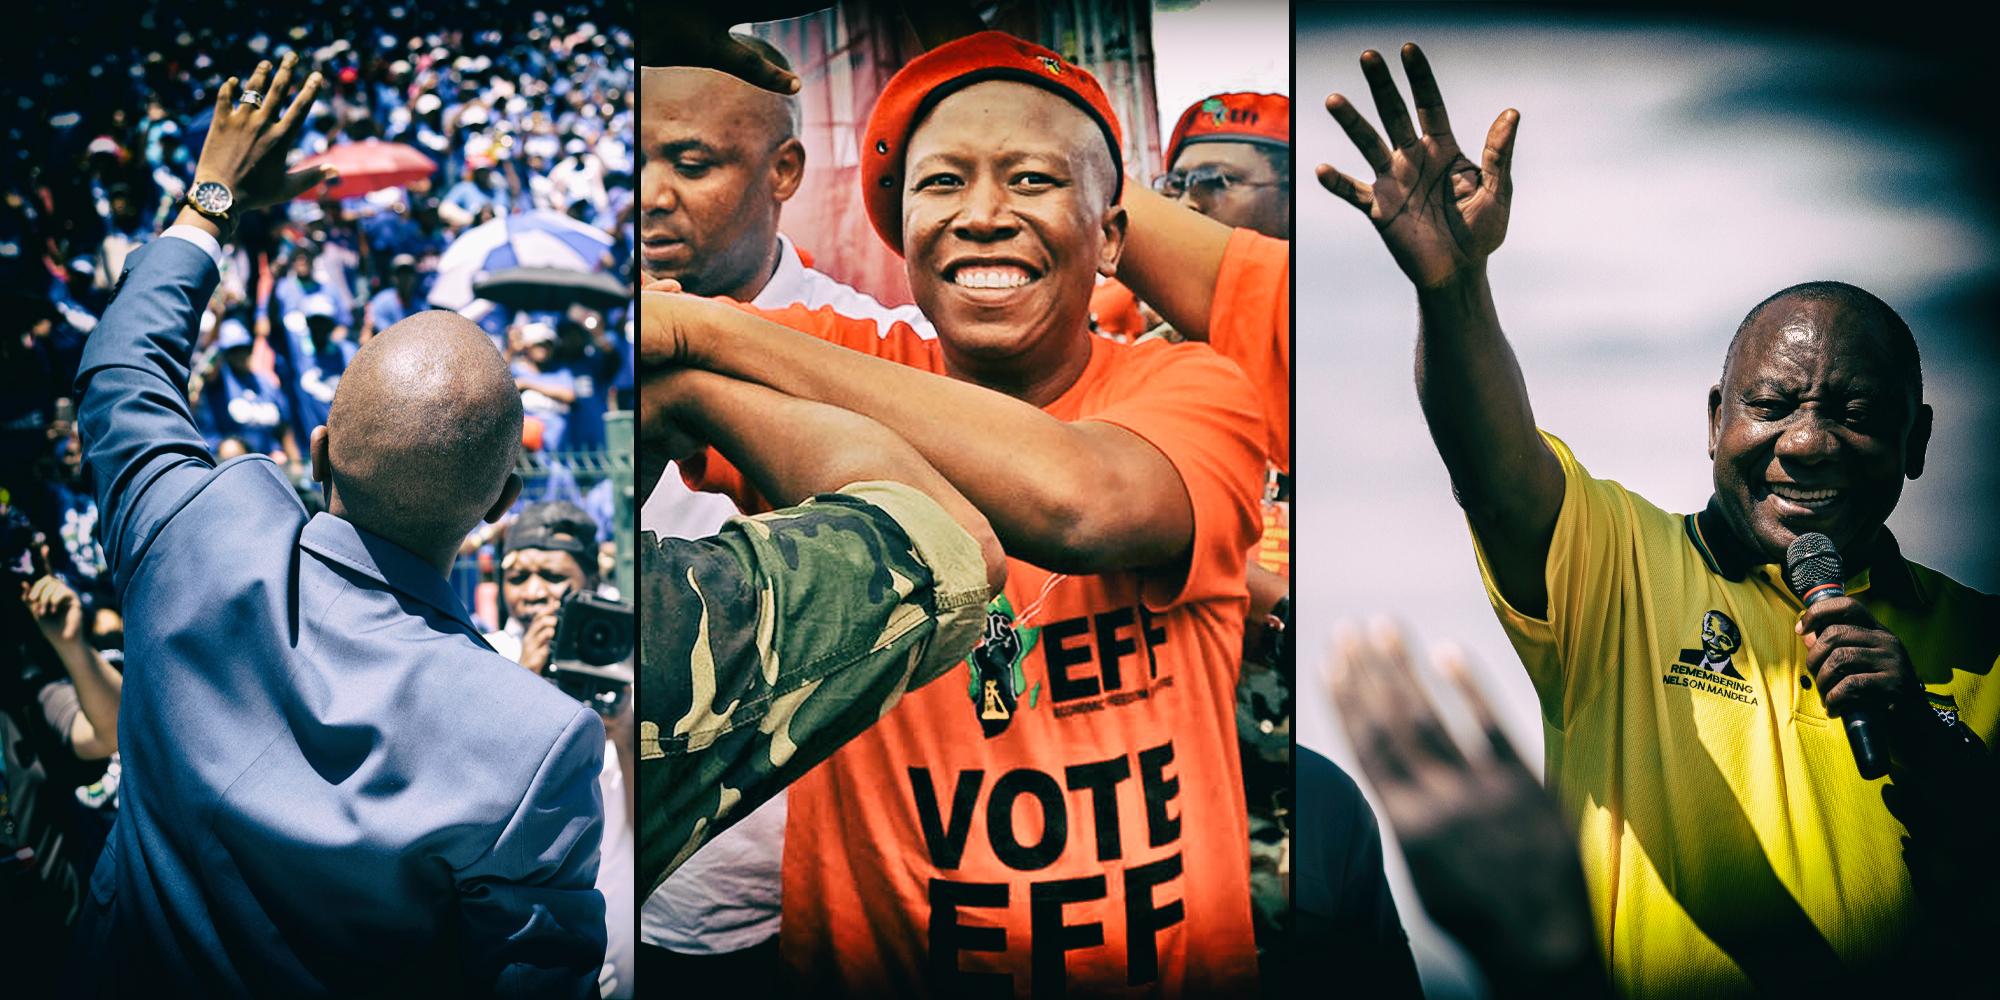 Malema is nou minder gewild as Zuma, Magashule aan die onderkant van die opname - Daily Maverick